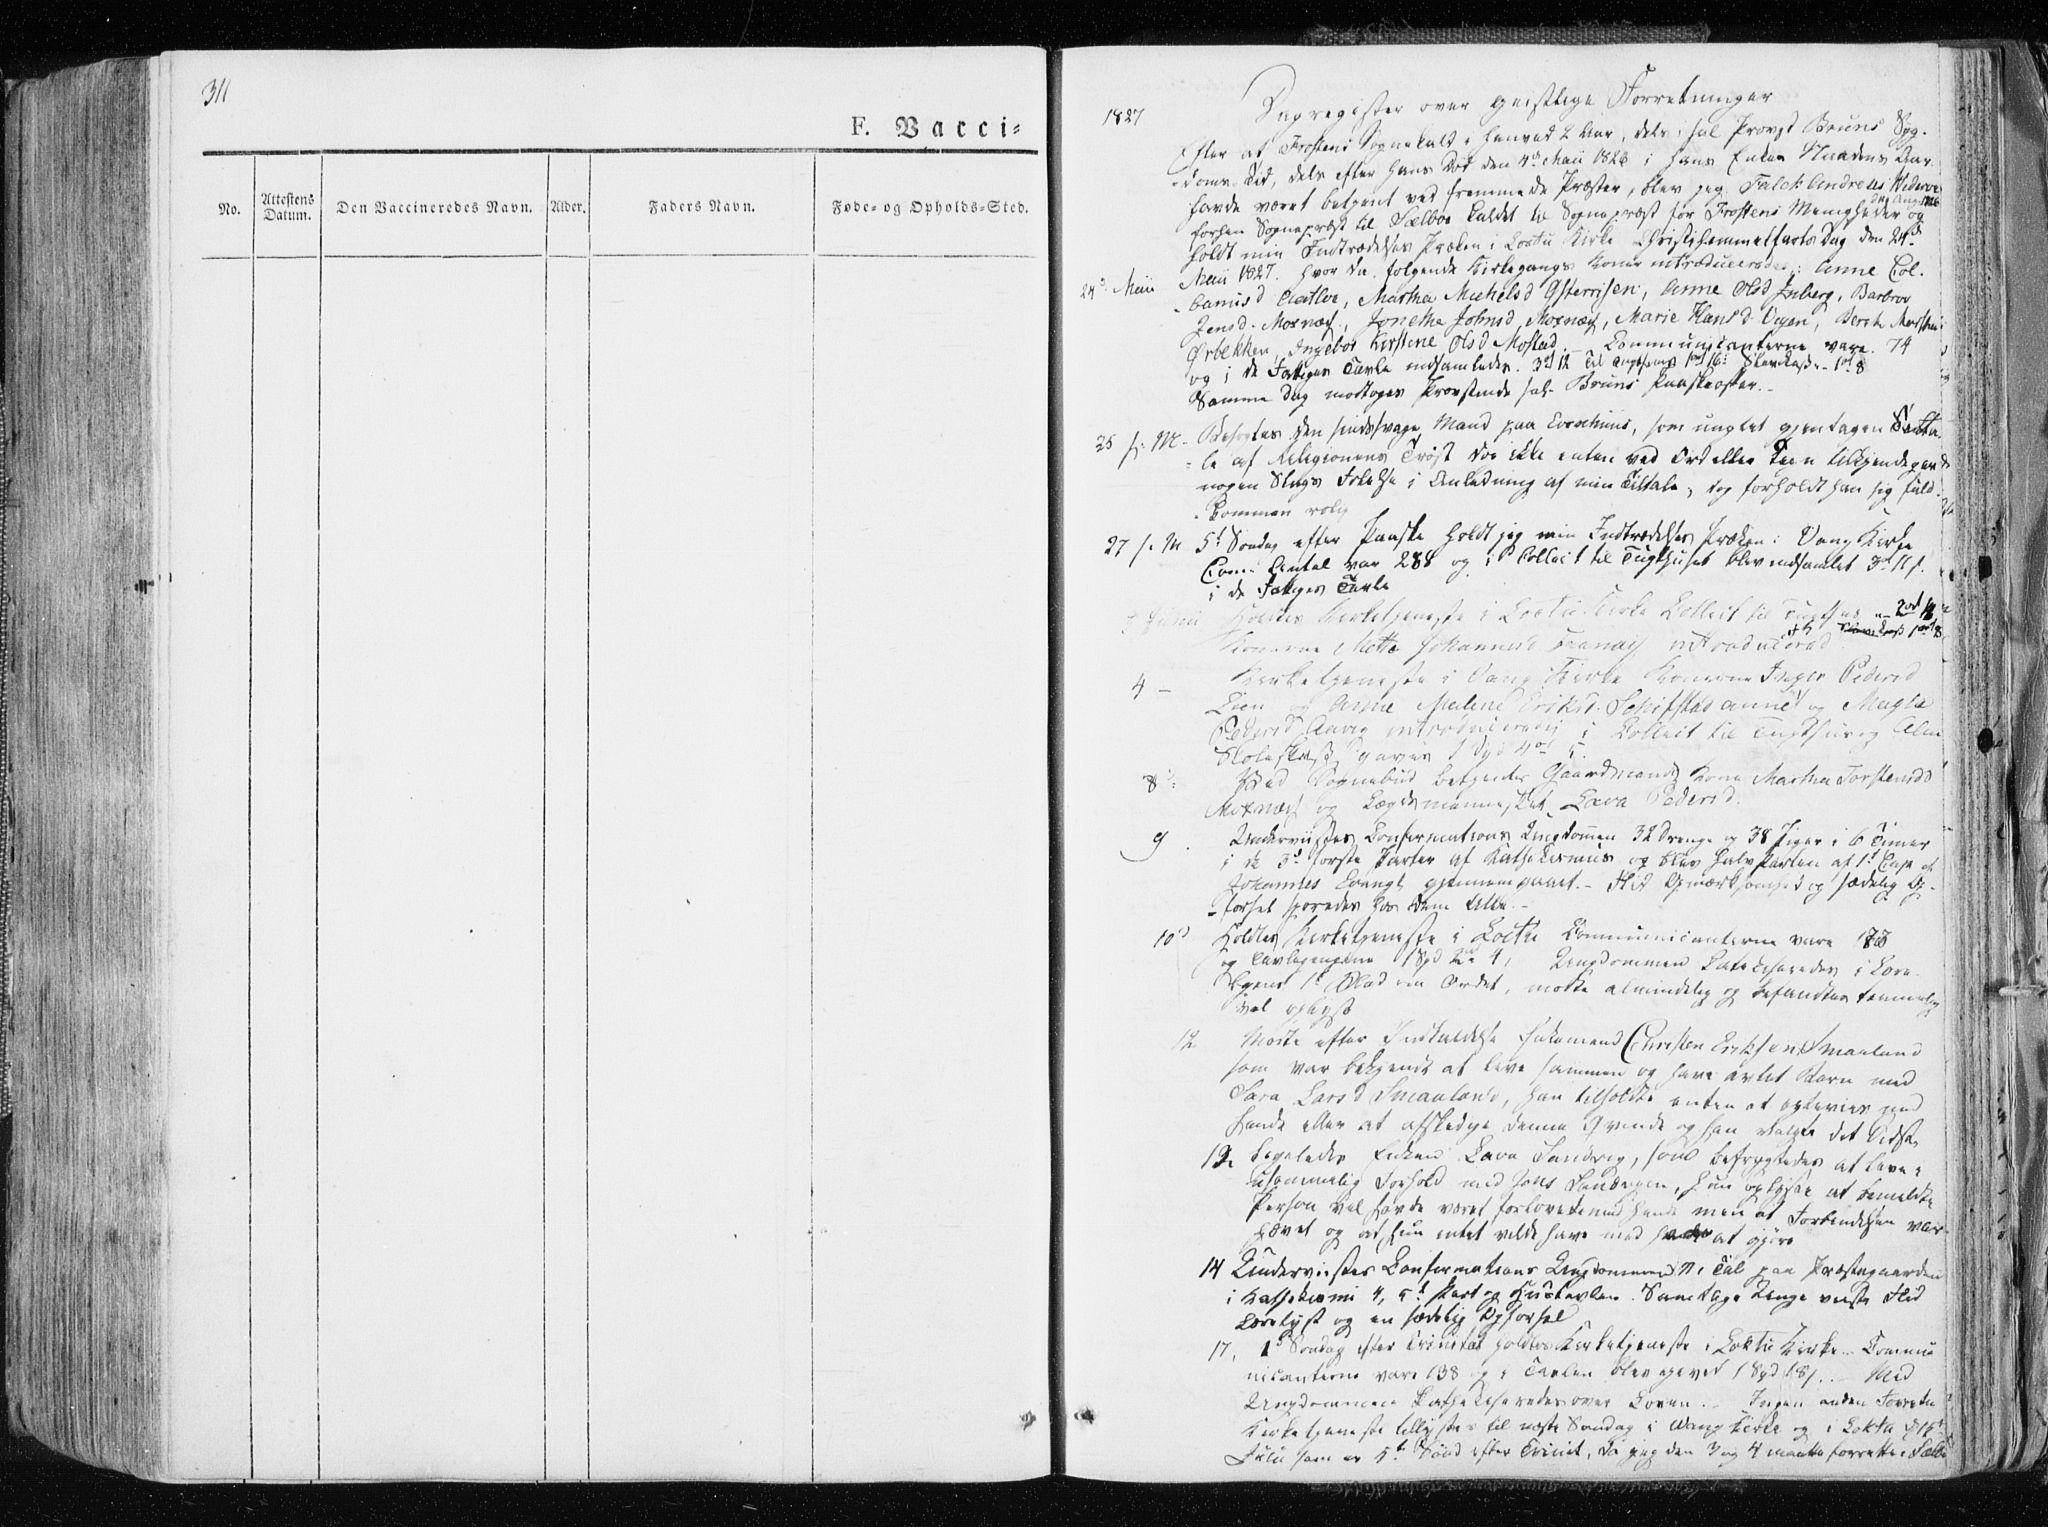 SAT, Ministerialprotokoller, klokkerbøker og fødselsregistre - Nord-Trøndelag, 713/L0114: Ministerialbok nr. 713A05, 1827-1839, s. 311